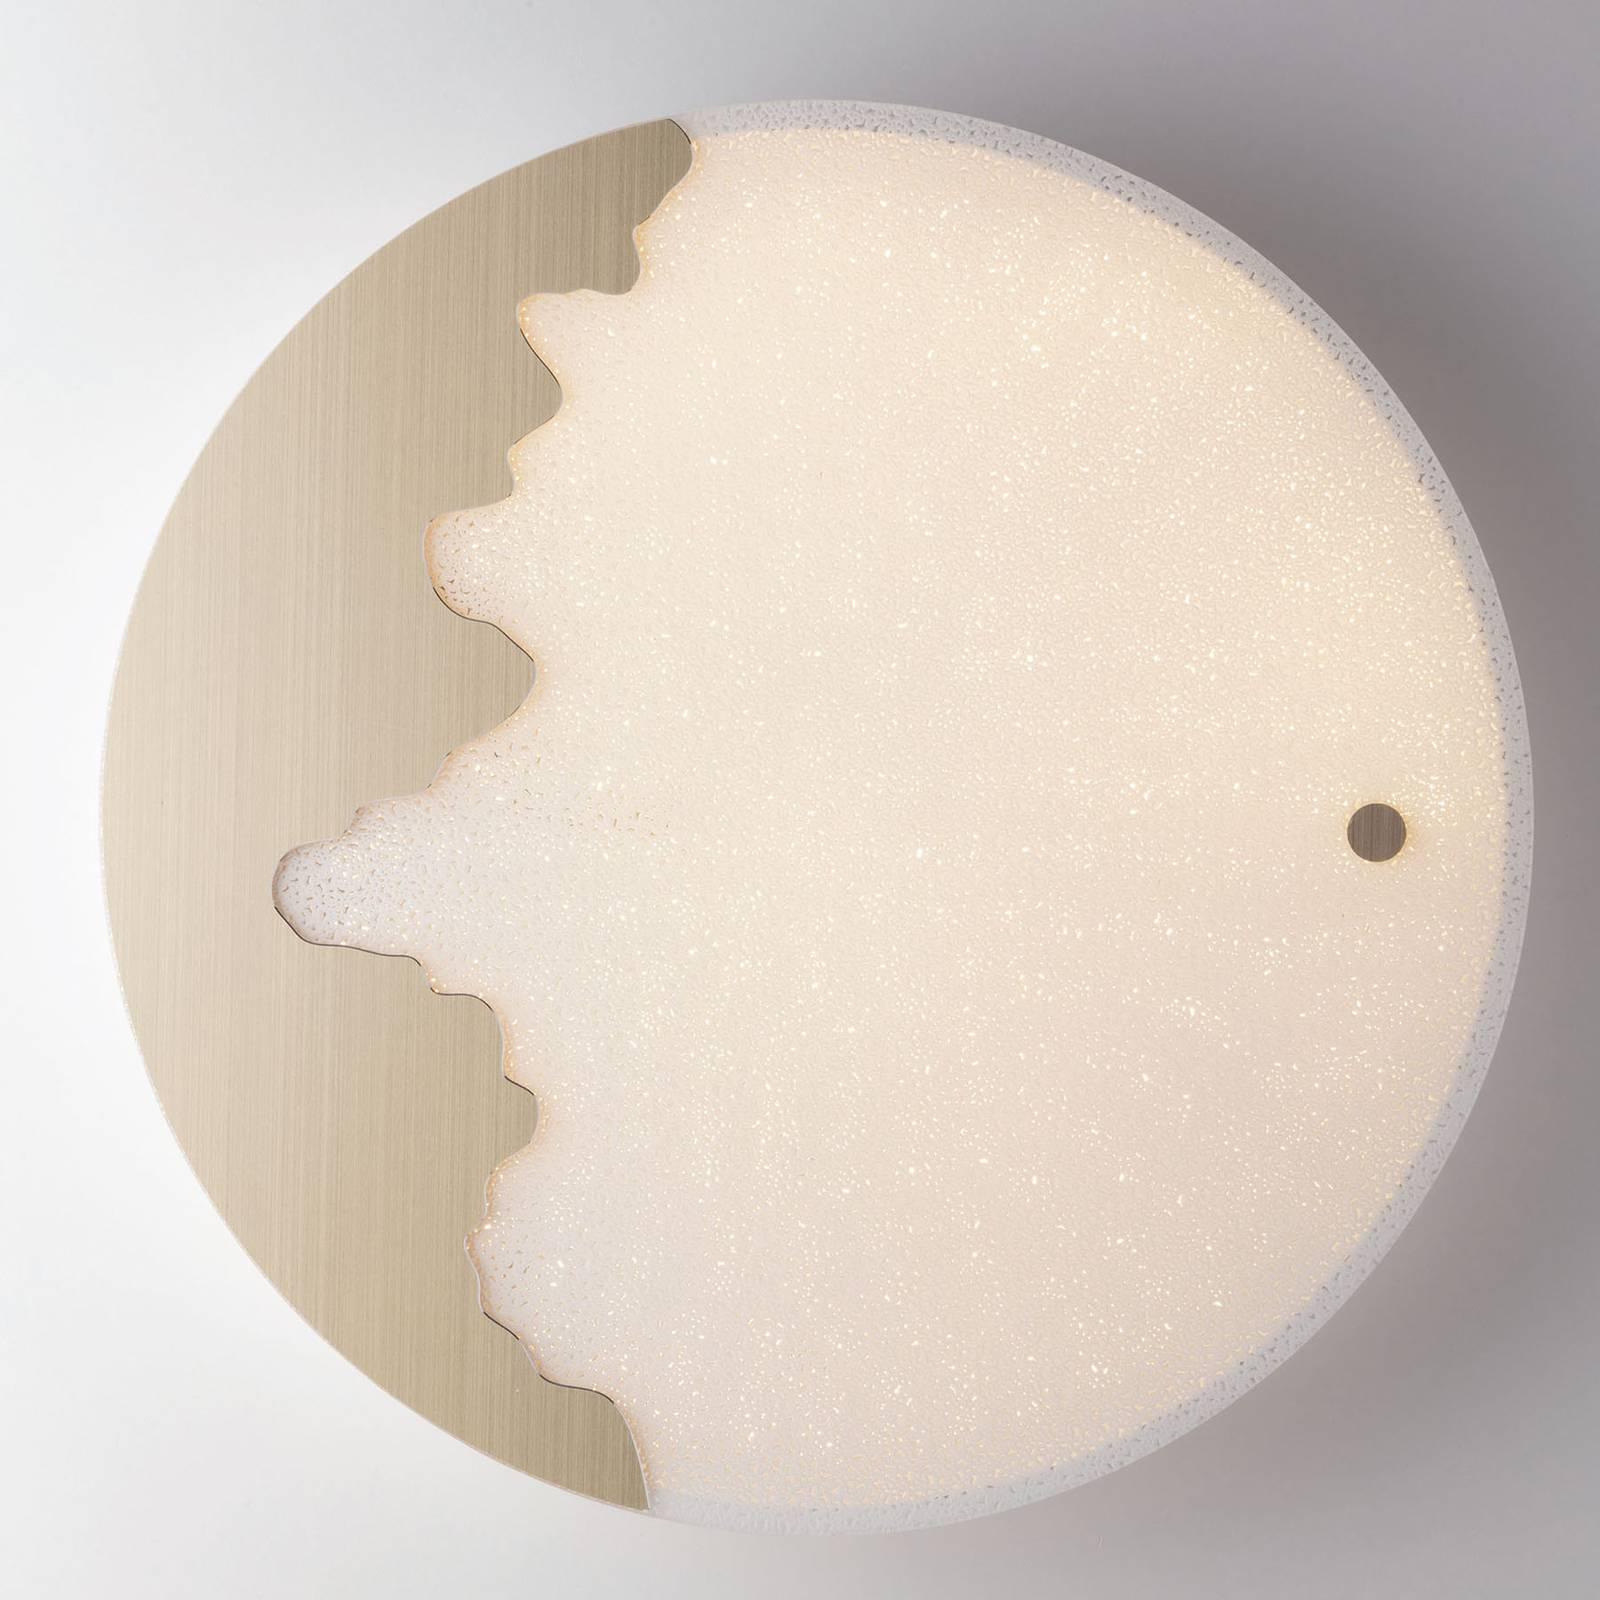 LED-seinävaloChic Tuya pyöreä kulta/kuvioitu Ø60cm